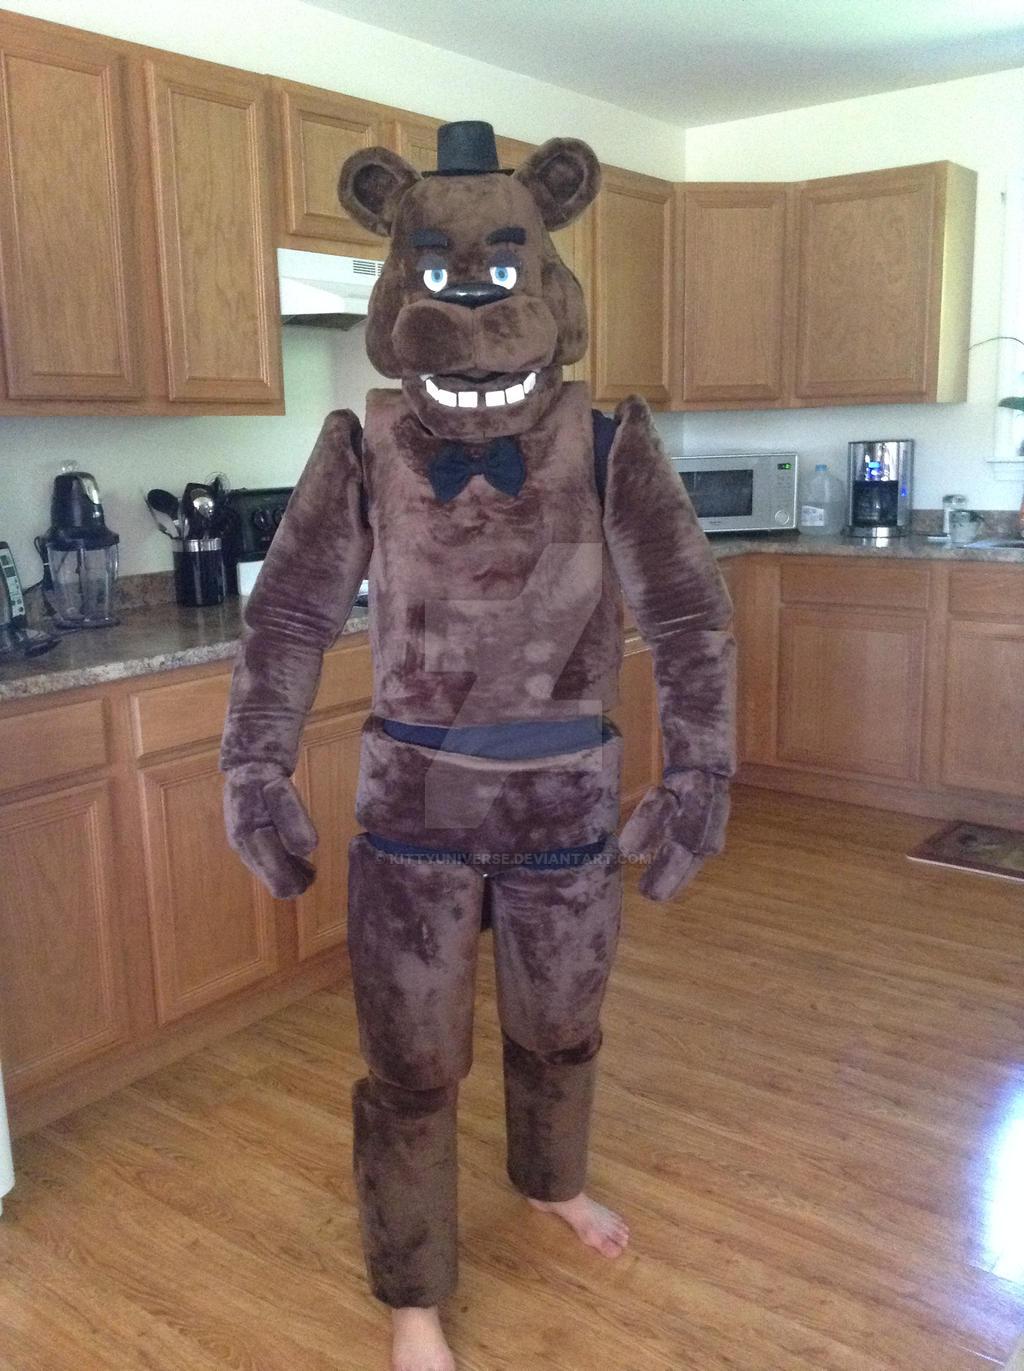 F fnaf bonnie costume for sale - Fnafcosplay Explore Fnafcosplay On Deviantart